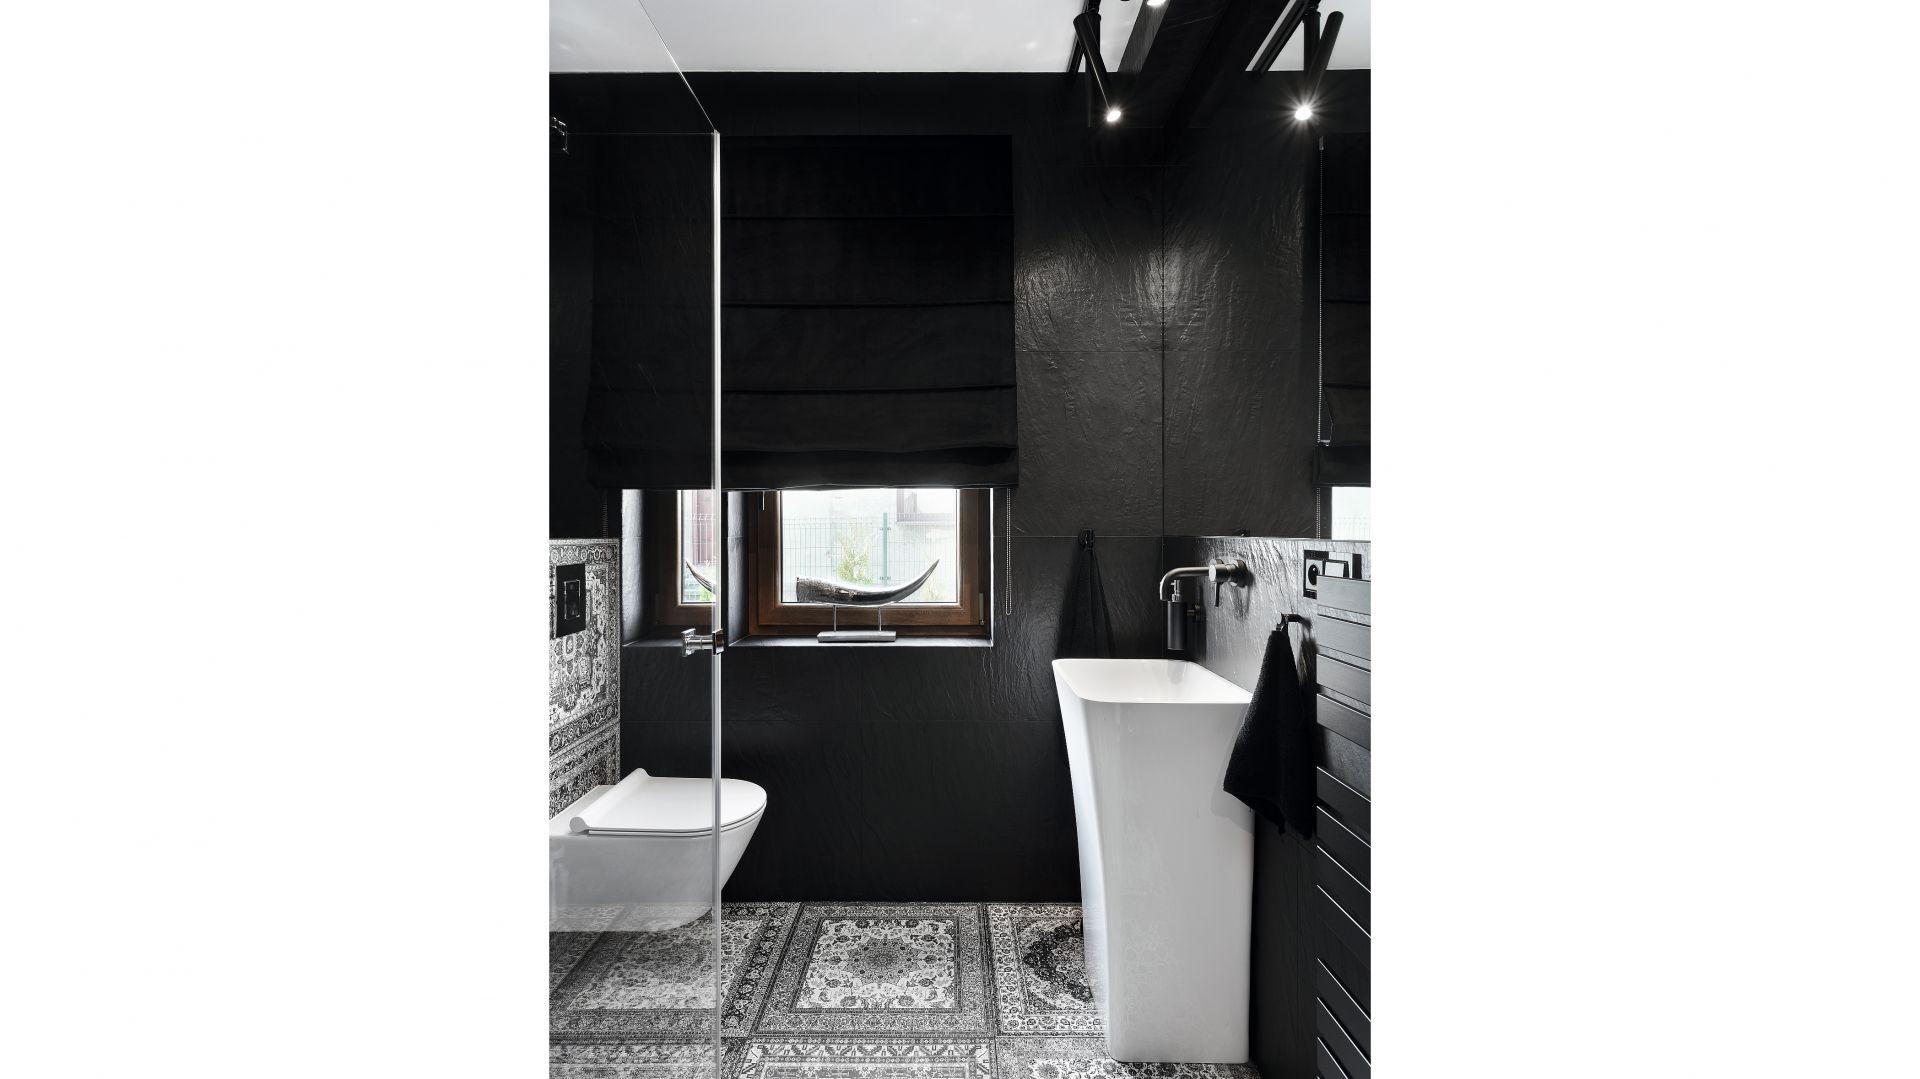 We wnętrzu dominuje kolor czarny, na tle którego estetycznie wyeksponowano ceramikę sanitarną. Projekt: Katarzyna Maciejewska. Fot. Anna Laskowska, Dekorialove